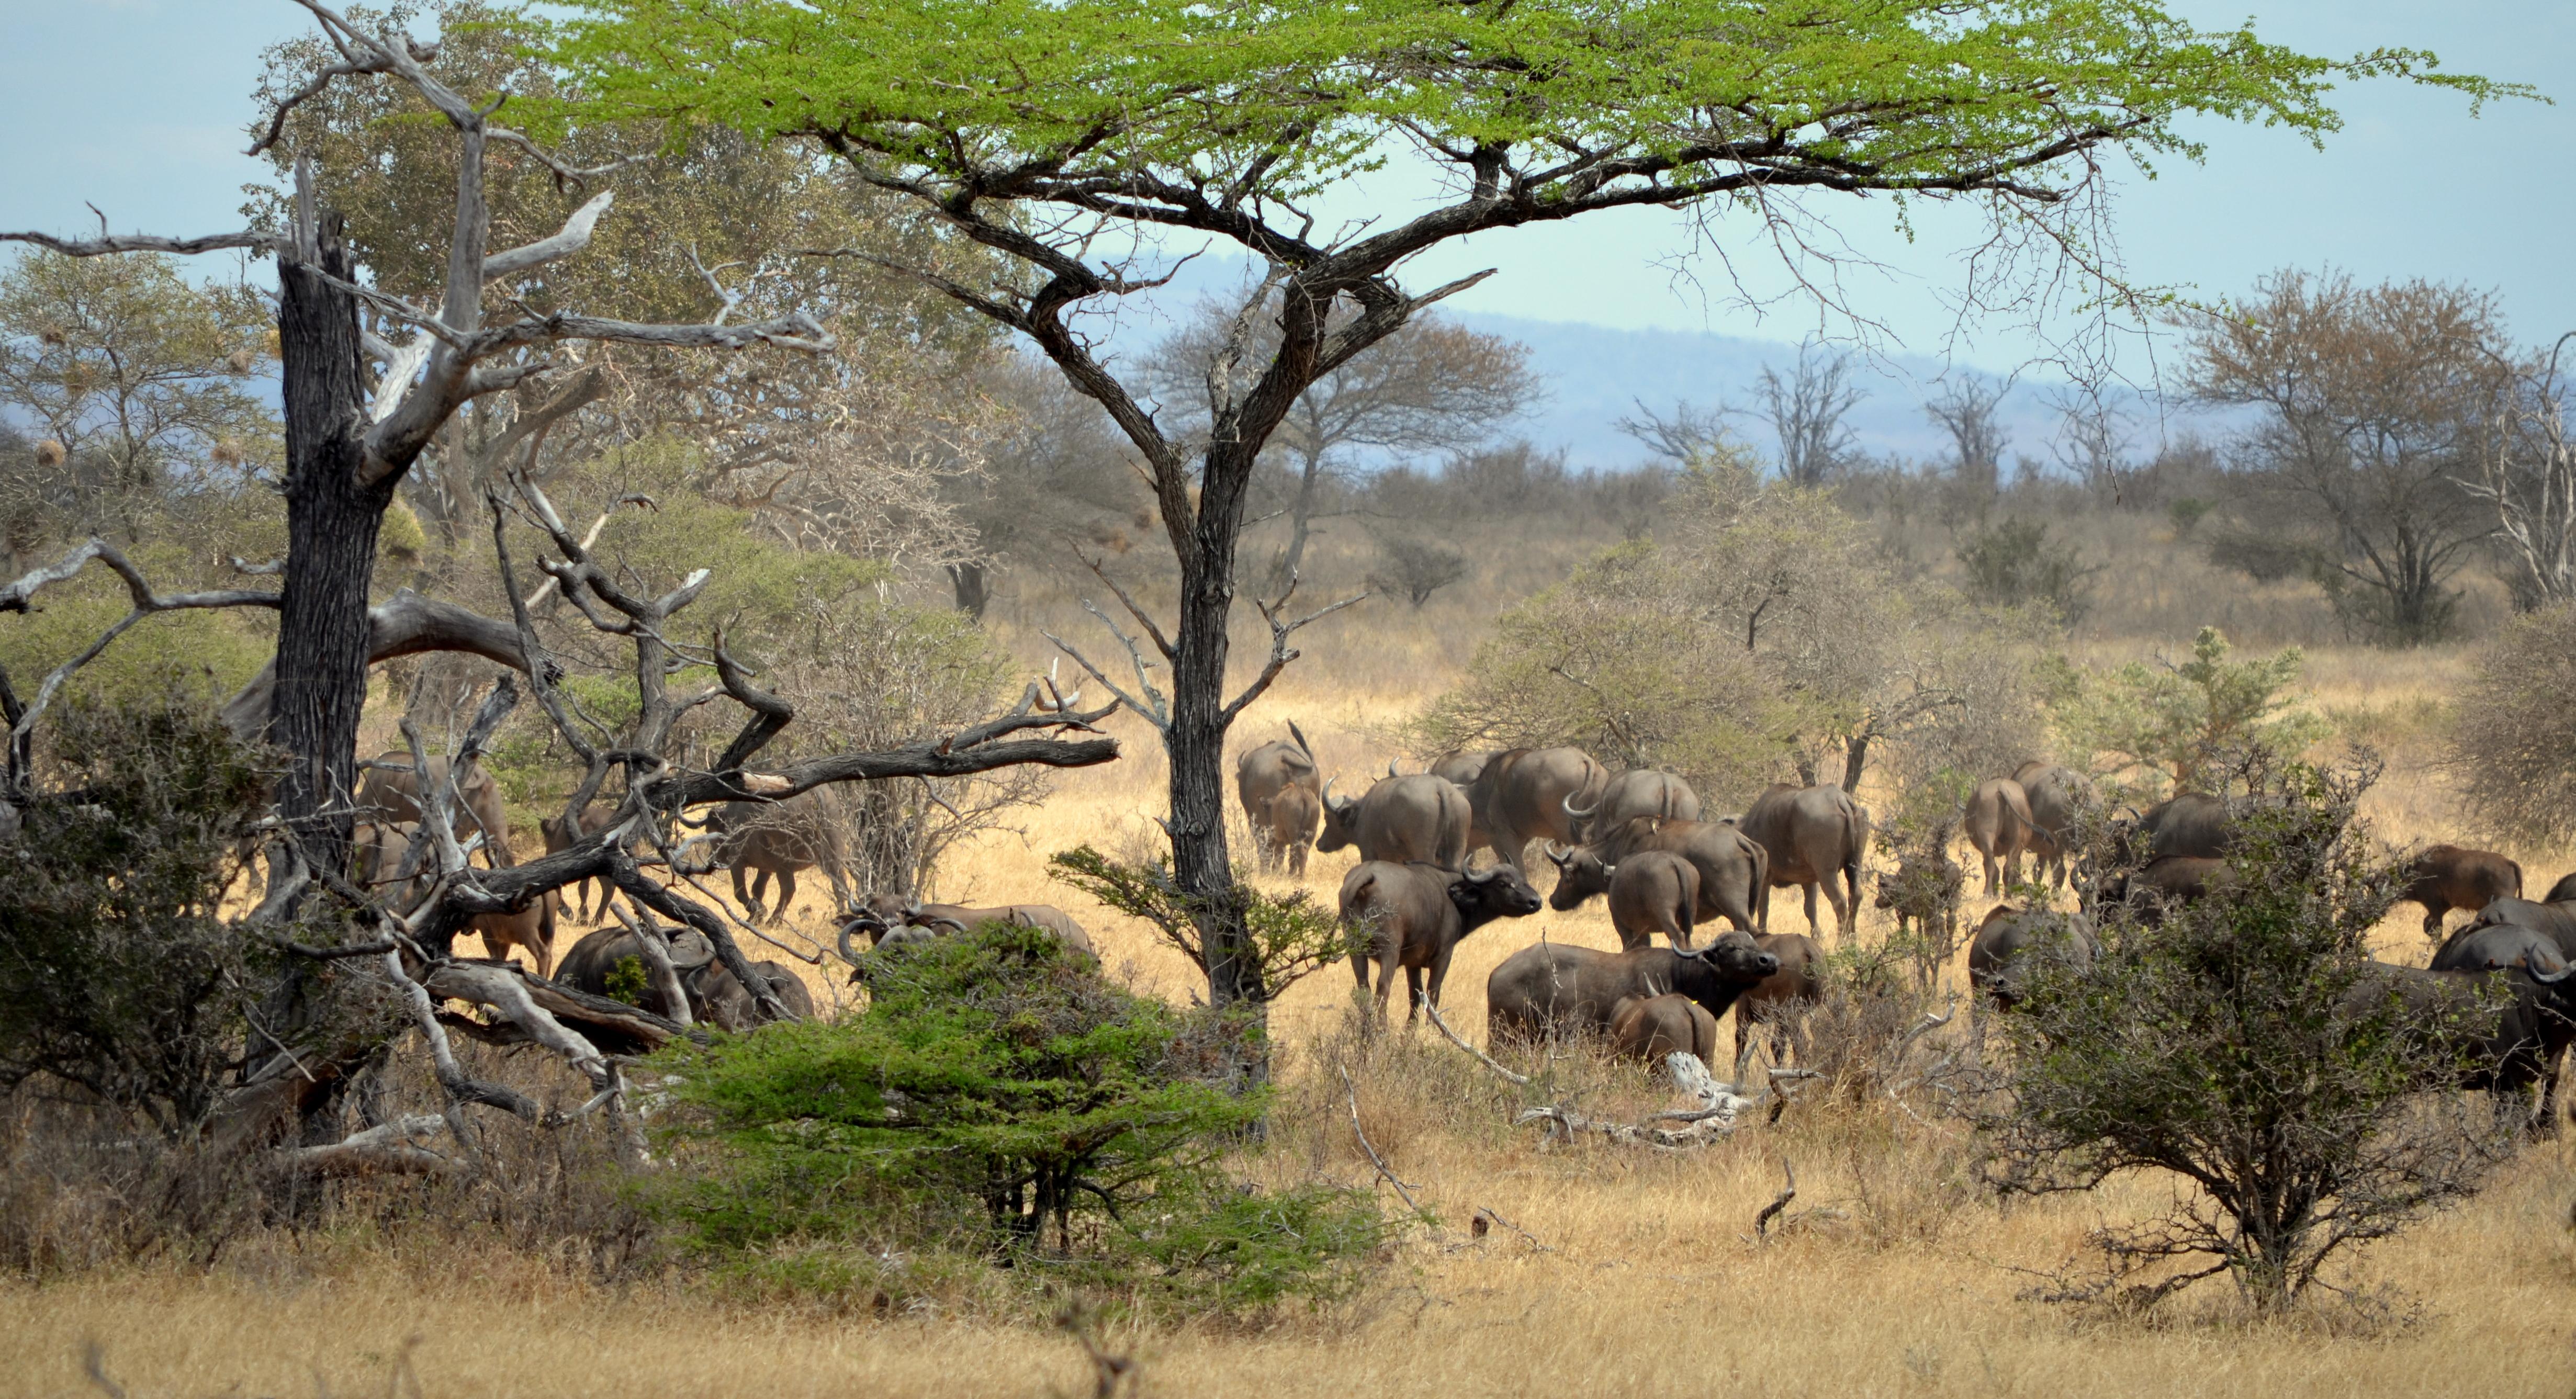 Búfalos. safari en Selous. Tanzania